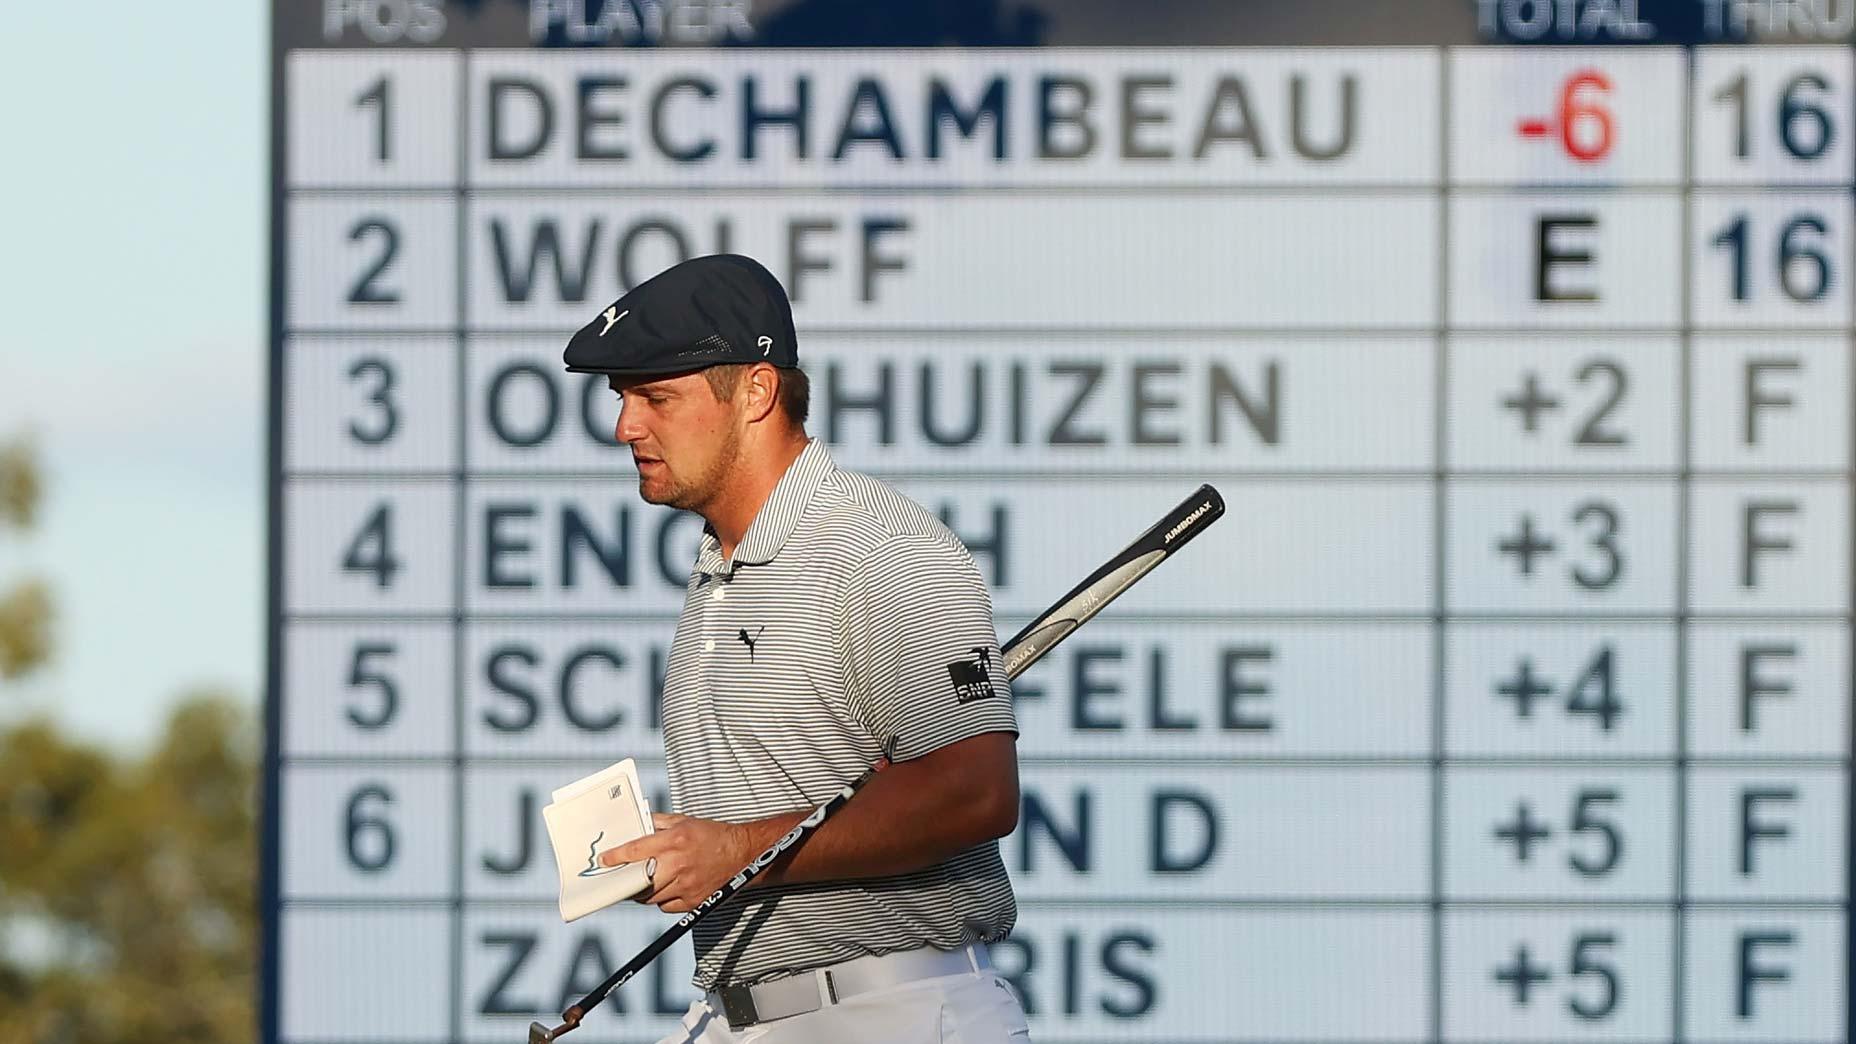 bryson dechambeau walks with scoreboard